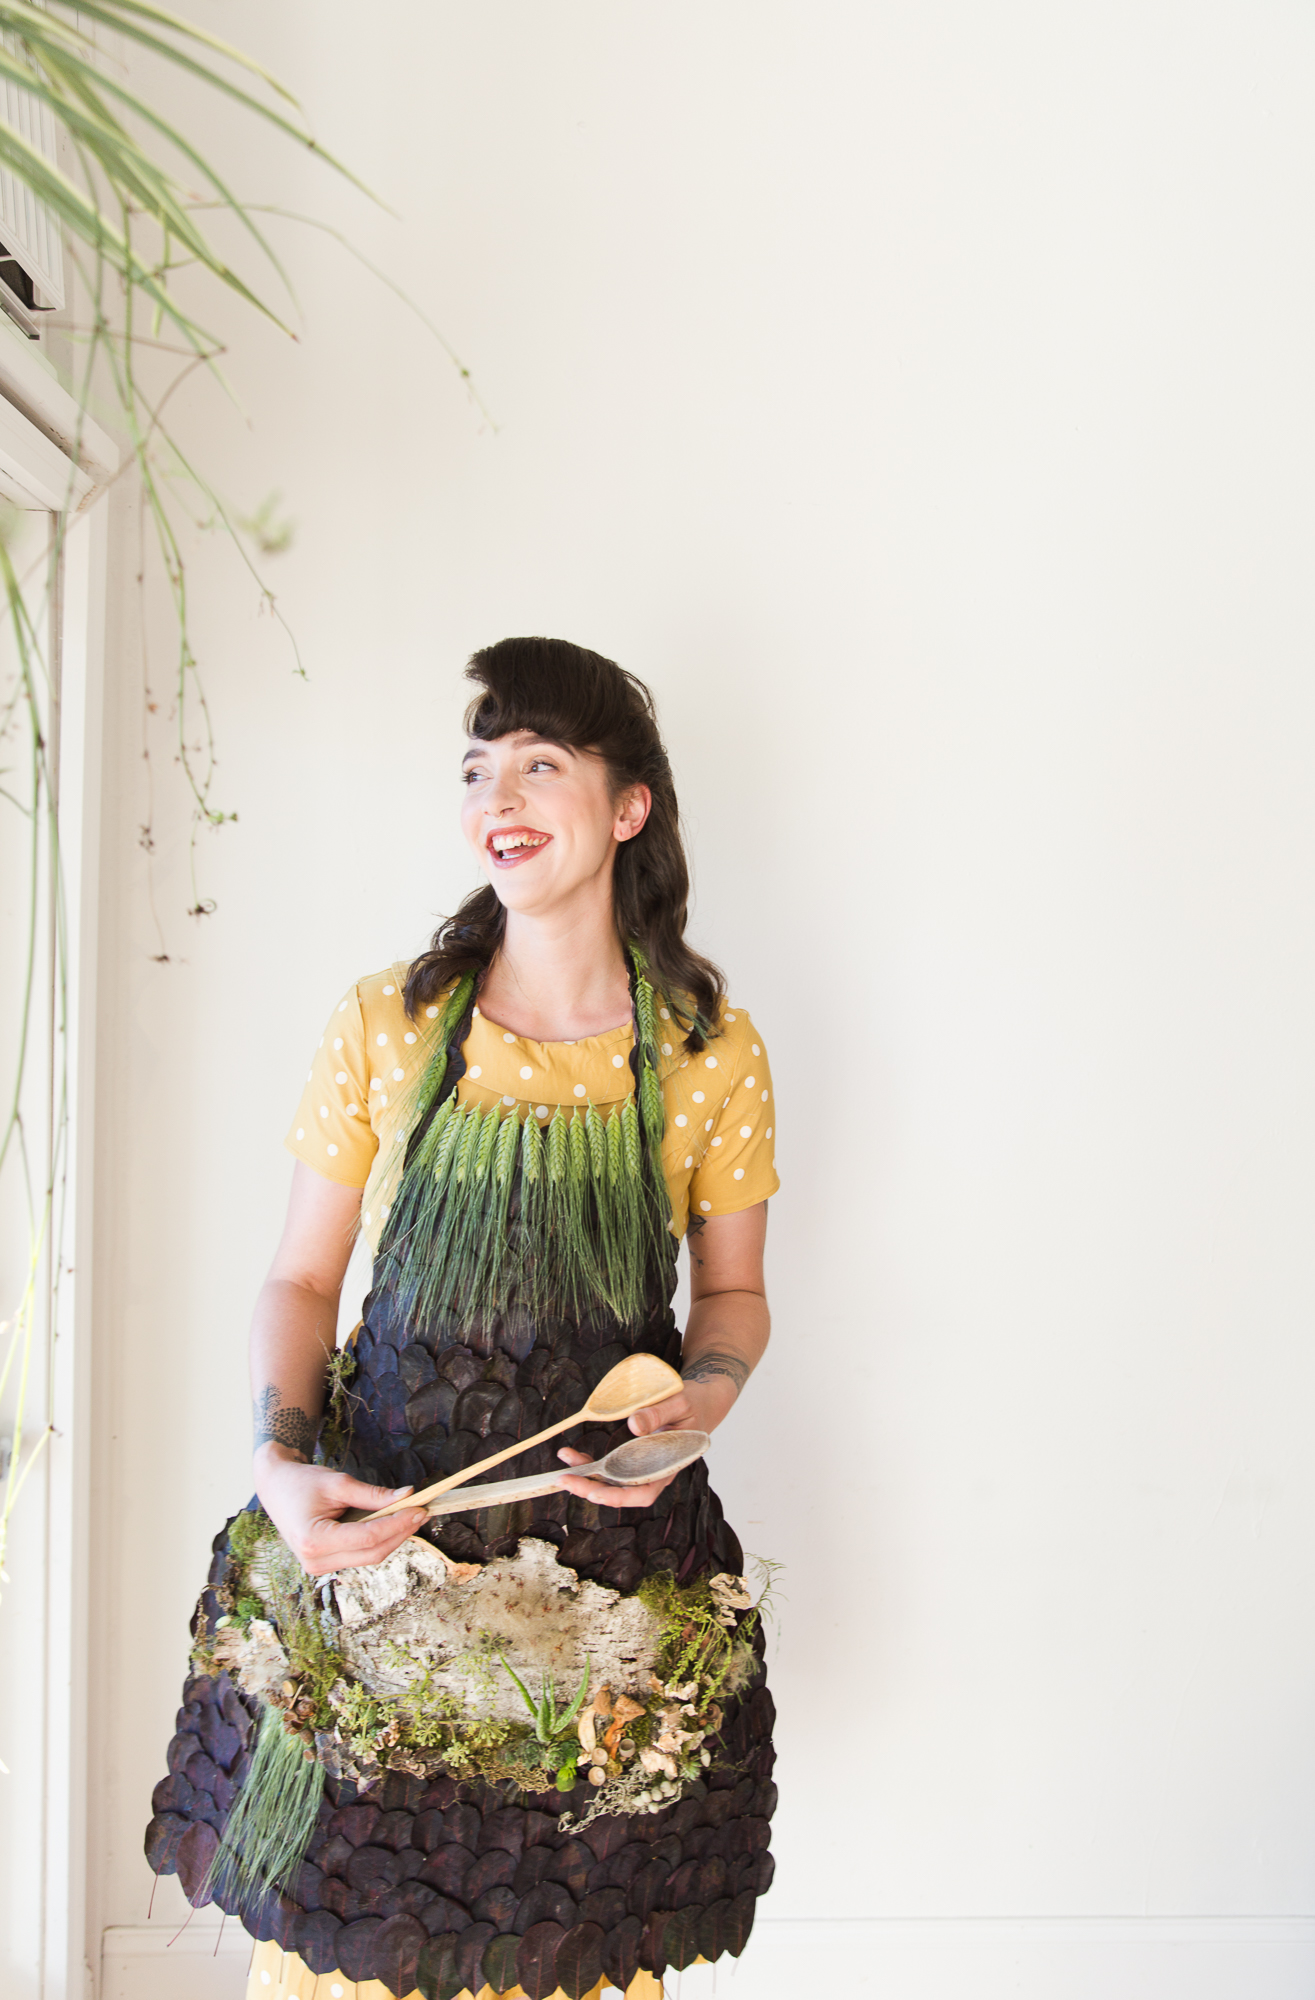 Bakery_woman_portland-17.JPG